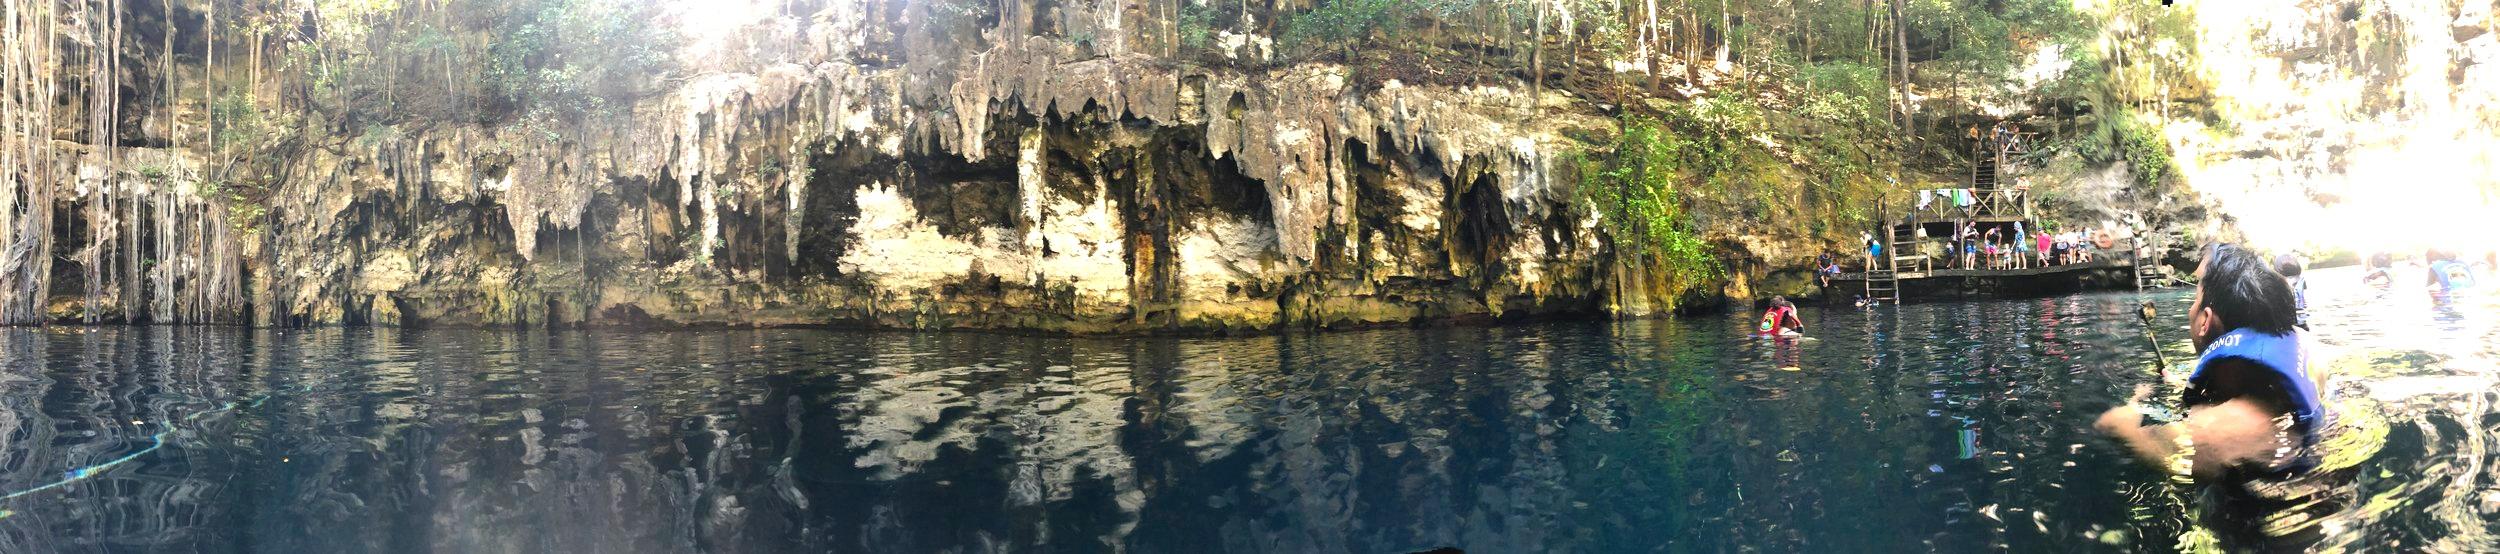 360 shot Cenote Yokdzonot